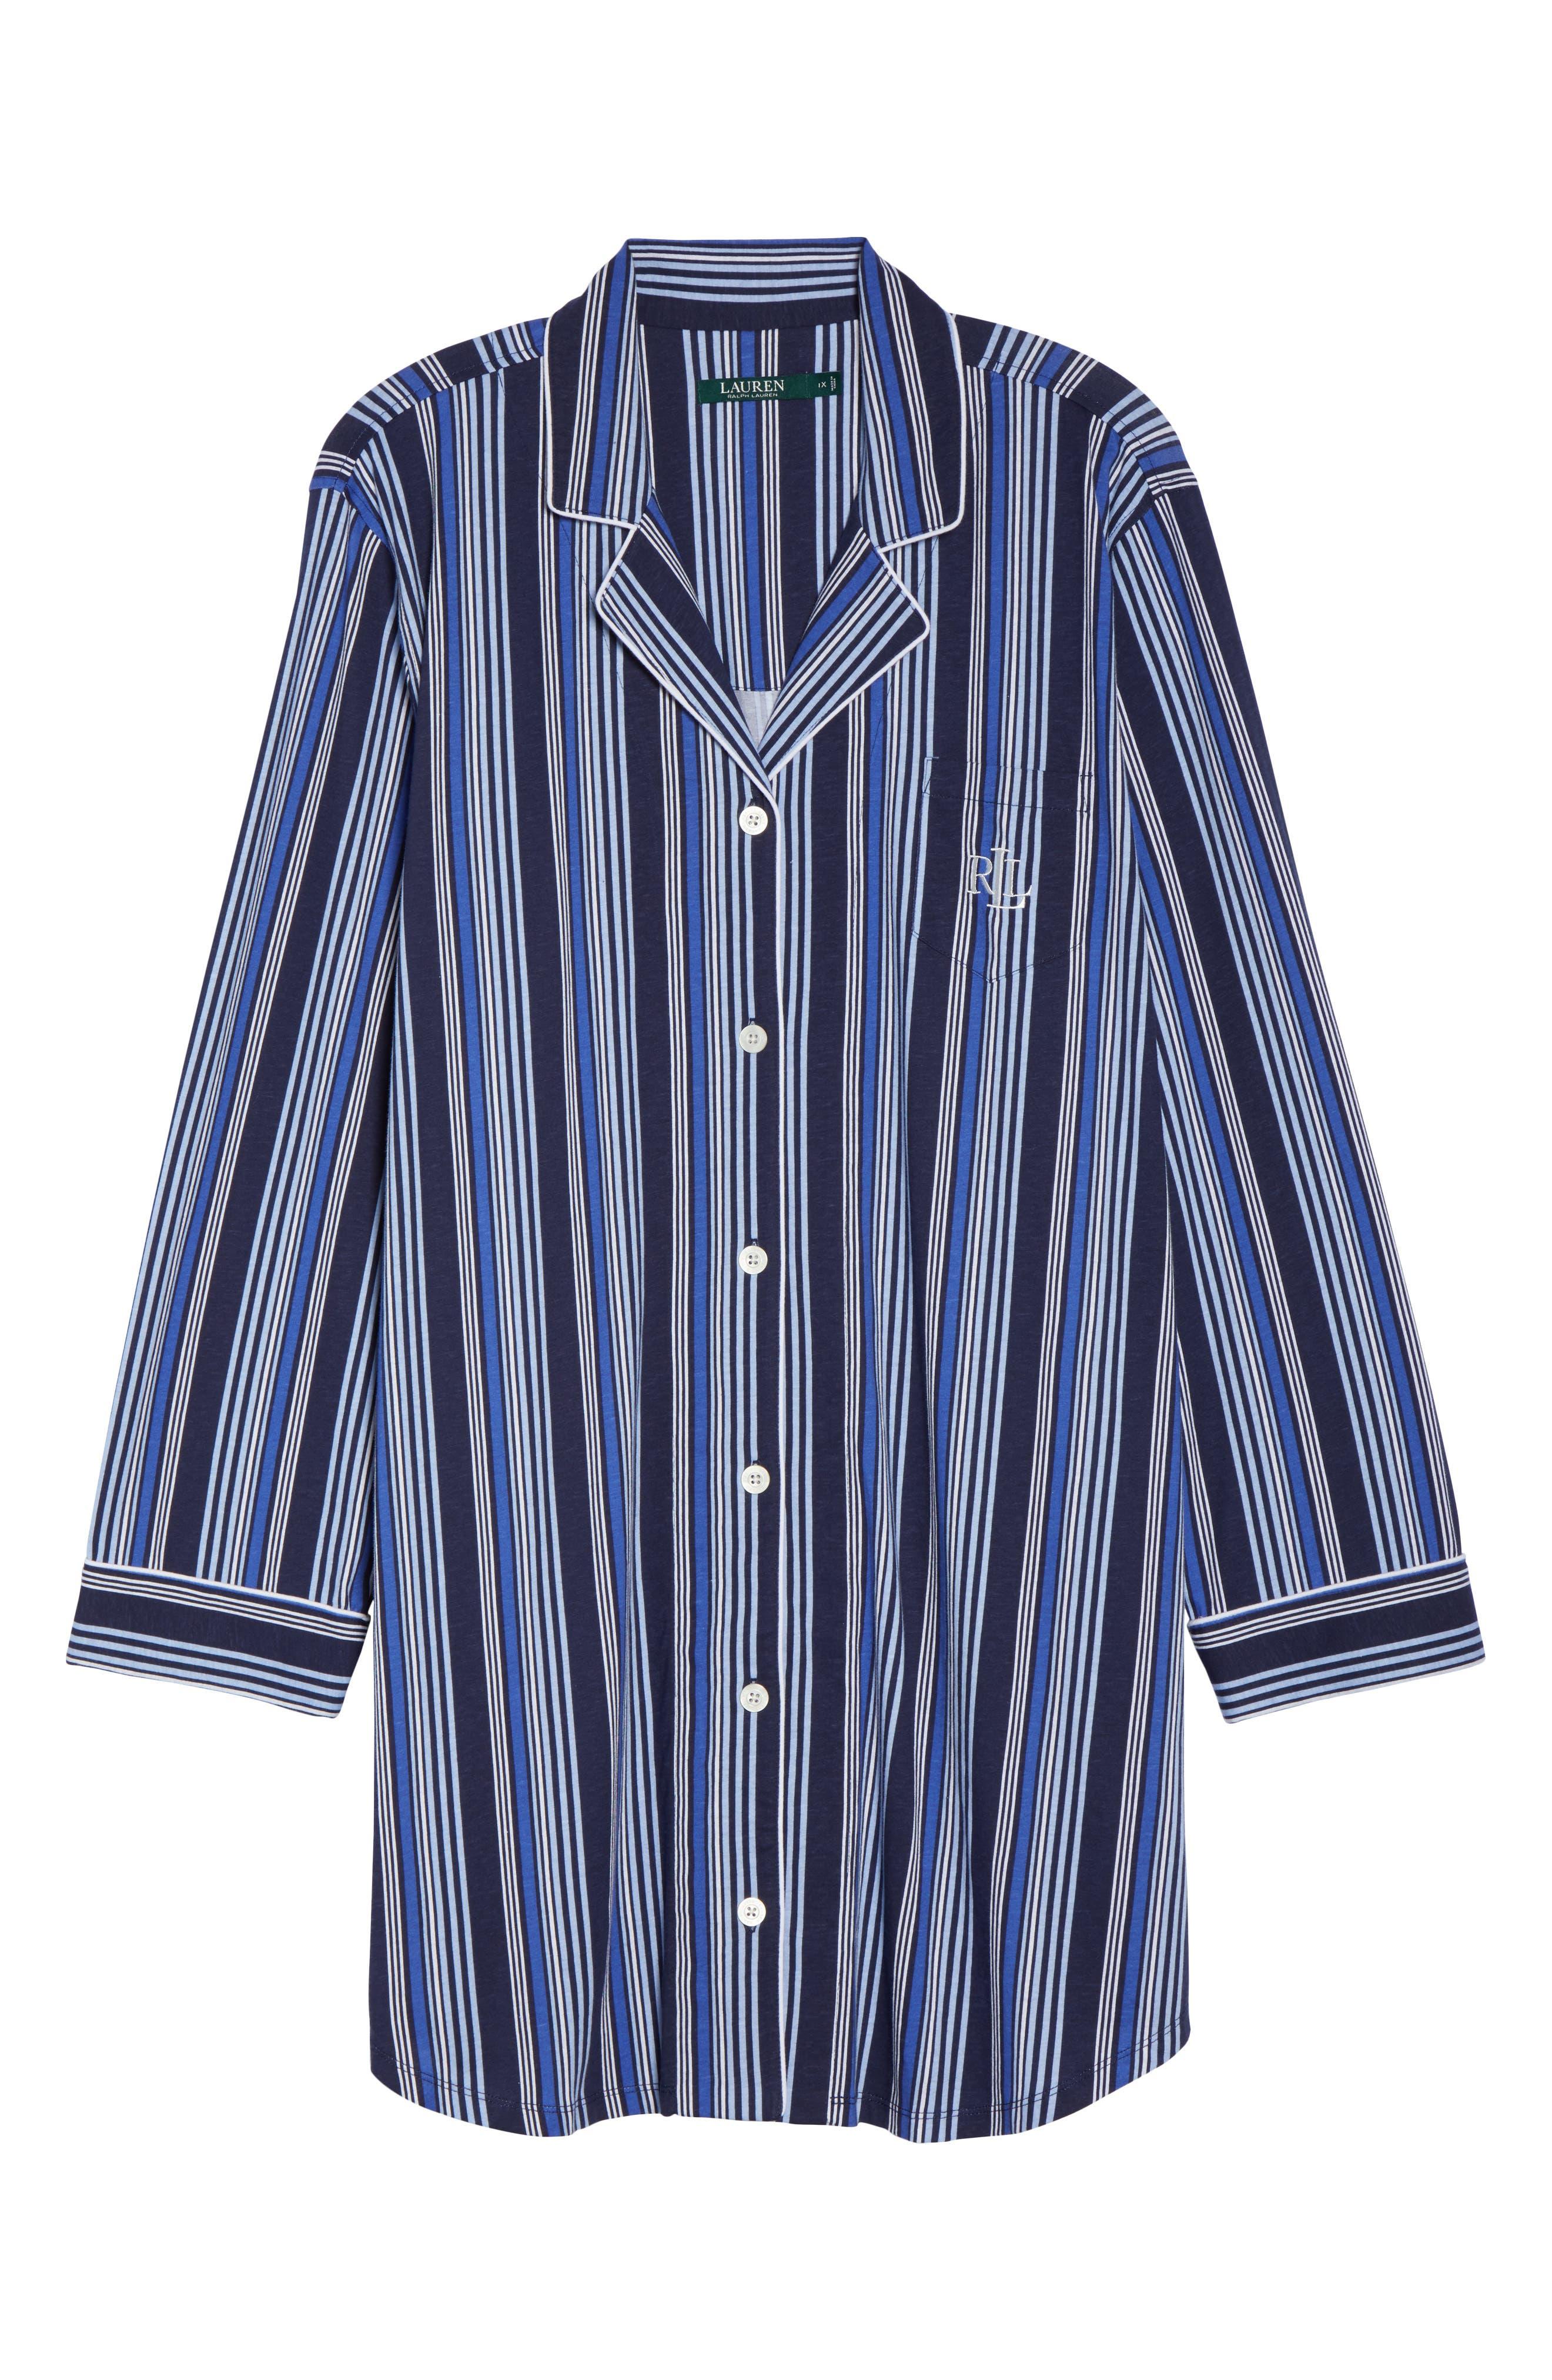 Stripe Night Shirt,                             Alternate thumbnail 4, color,                             Blue Stripe